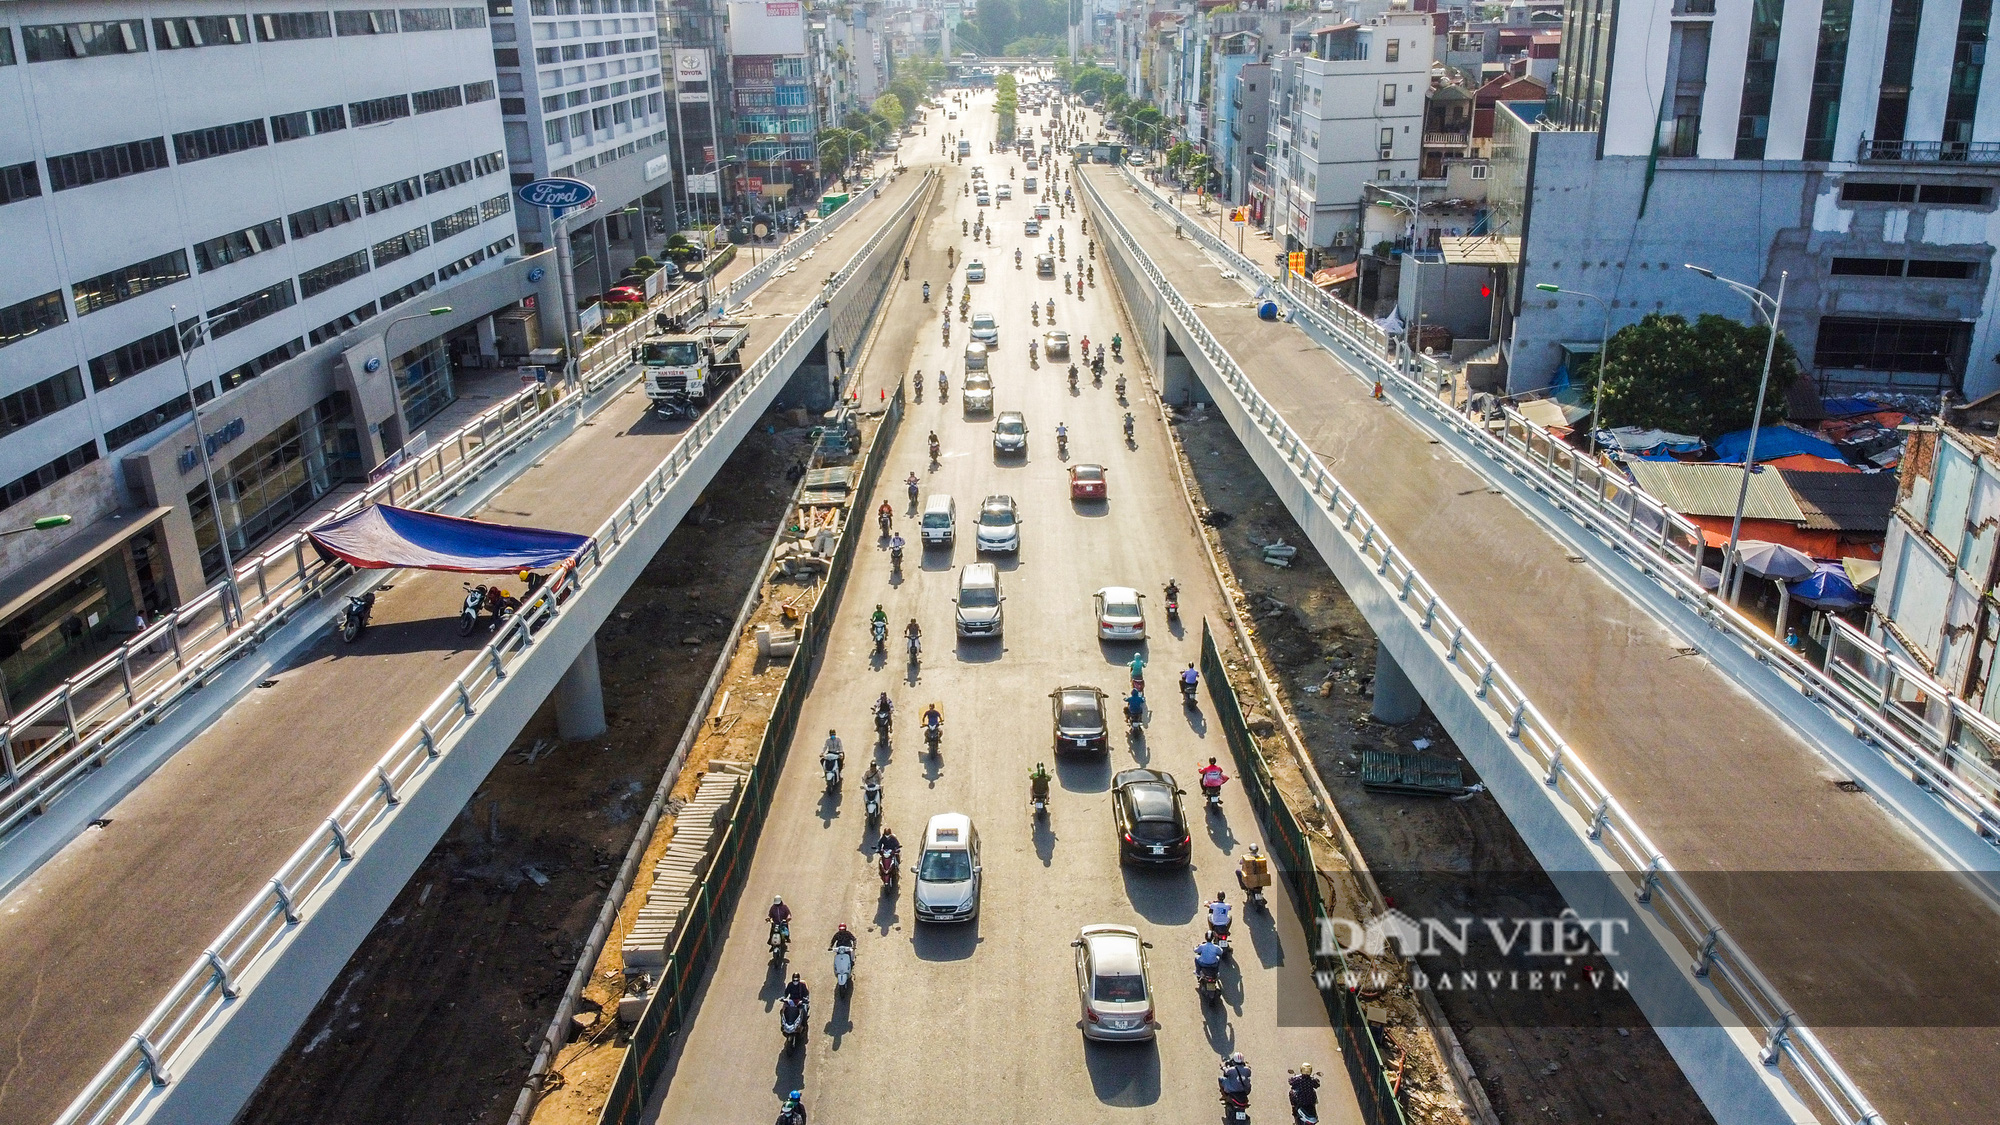 Nhìn lại 10 dự án tiêu biểu do ông Nguyễn Đức Chung - Chủ tịch TP Hà Nội chỉ đạo - Ảnh 11.